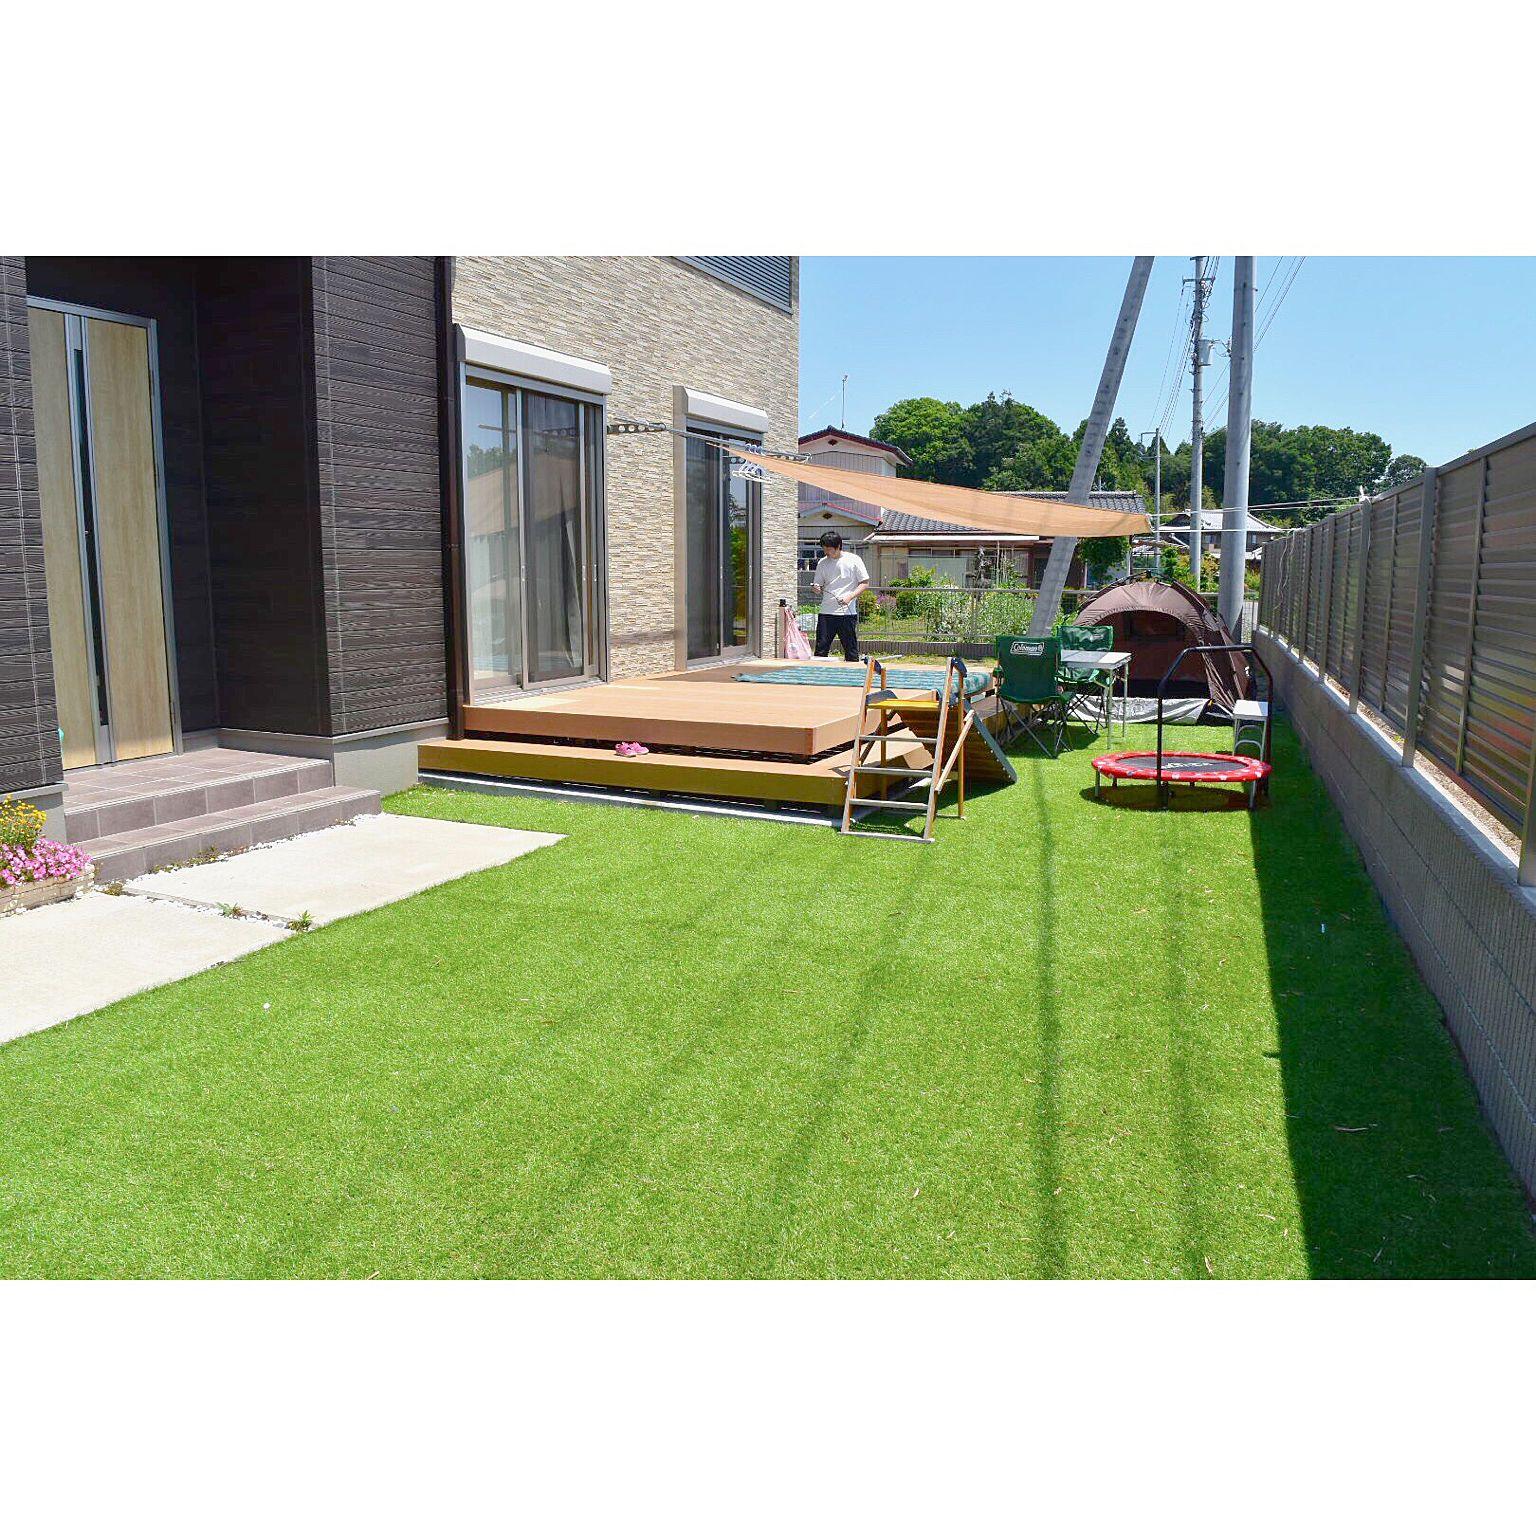 人工芝 外構 シンプルにすっきりと暮らす 子どもと暮らす 人工芝diy